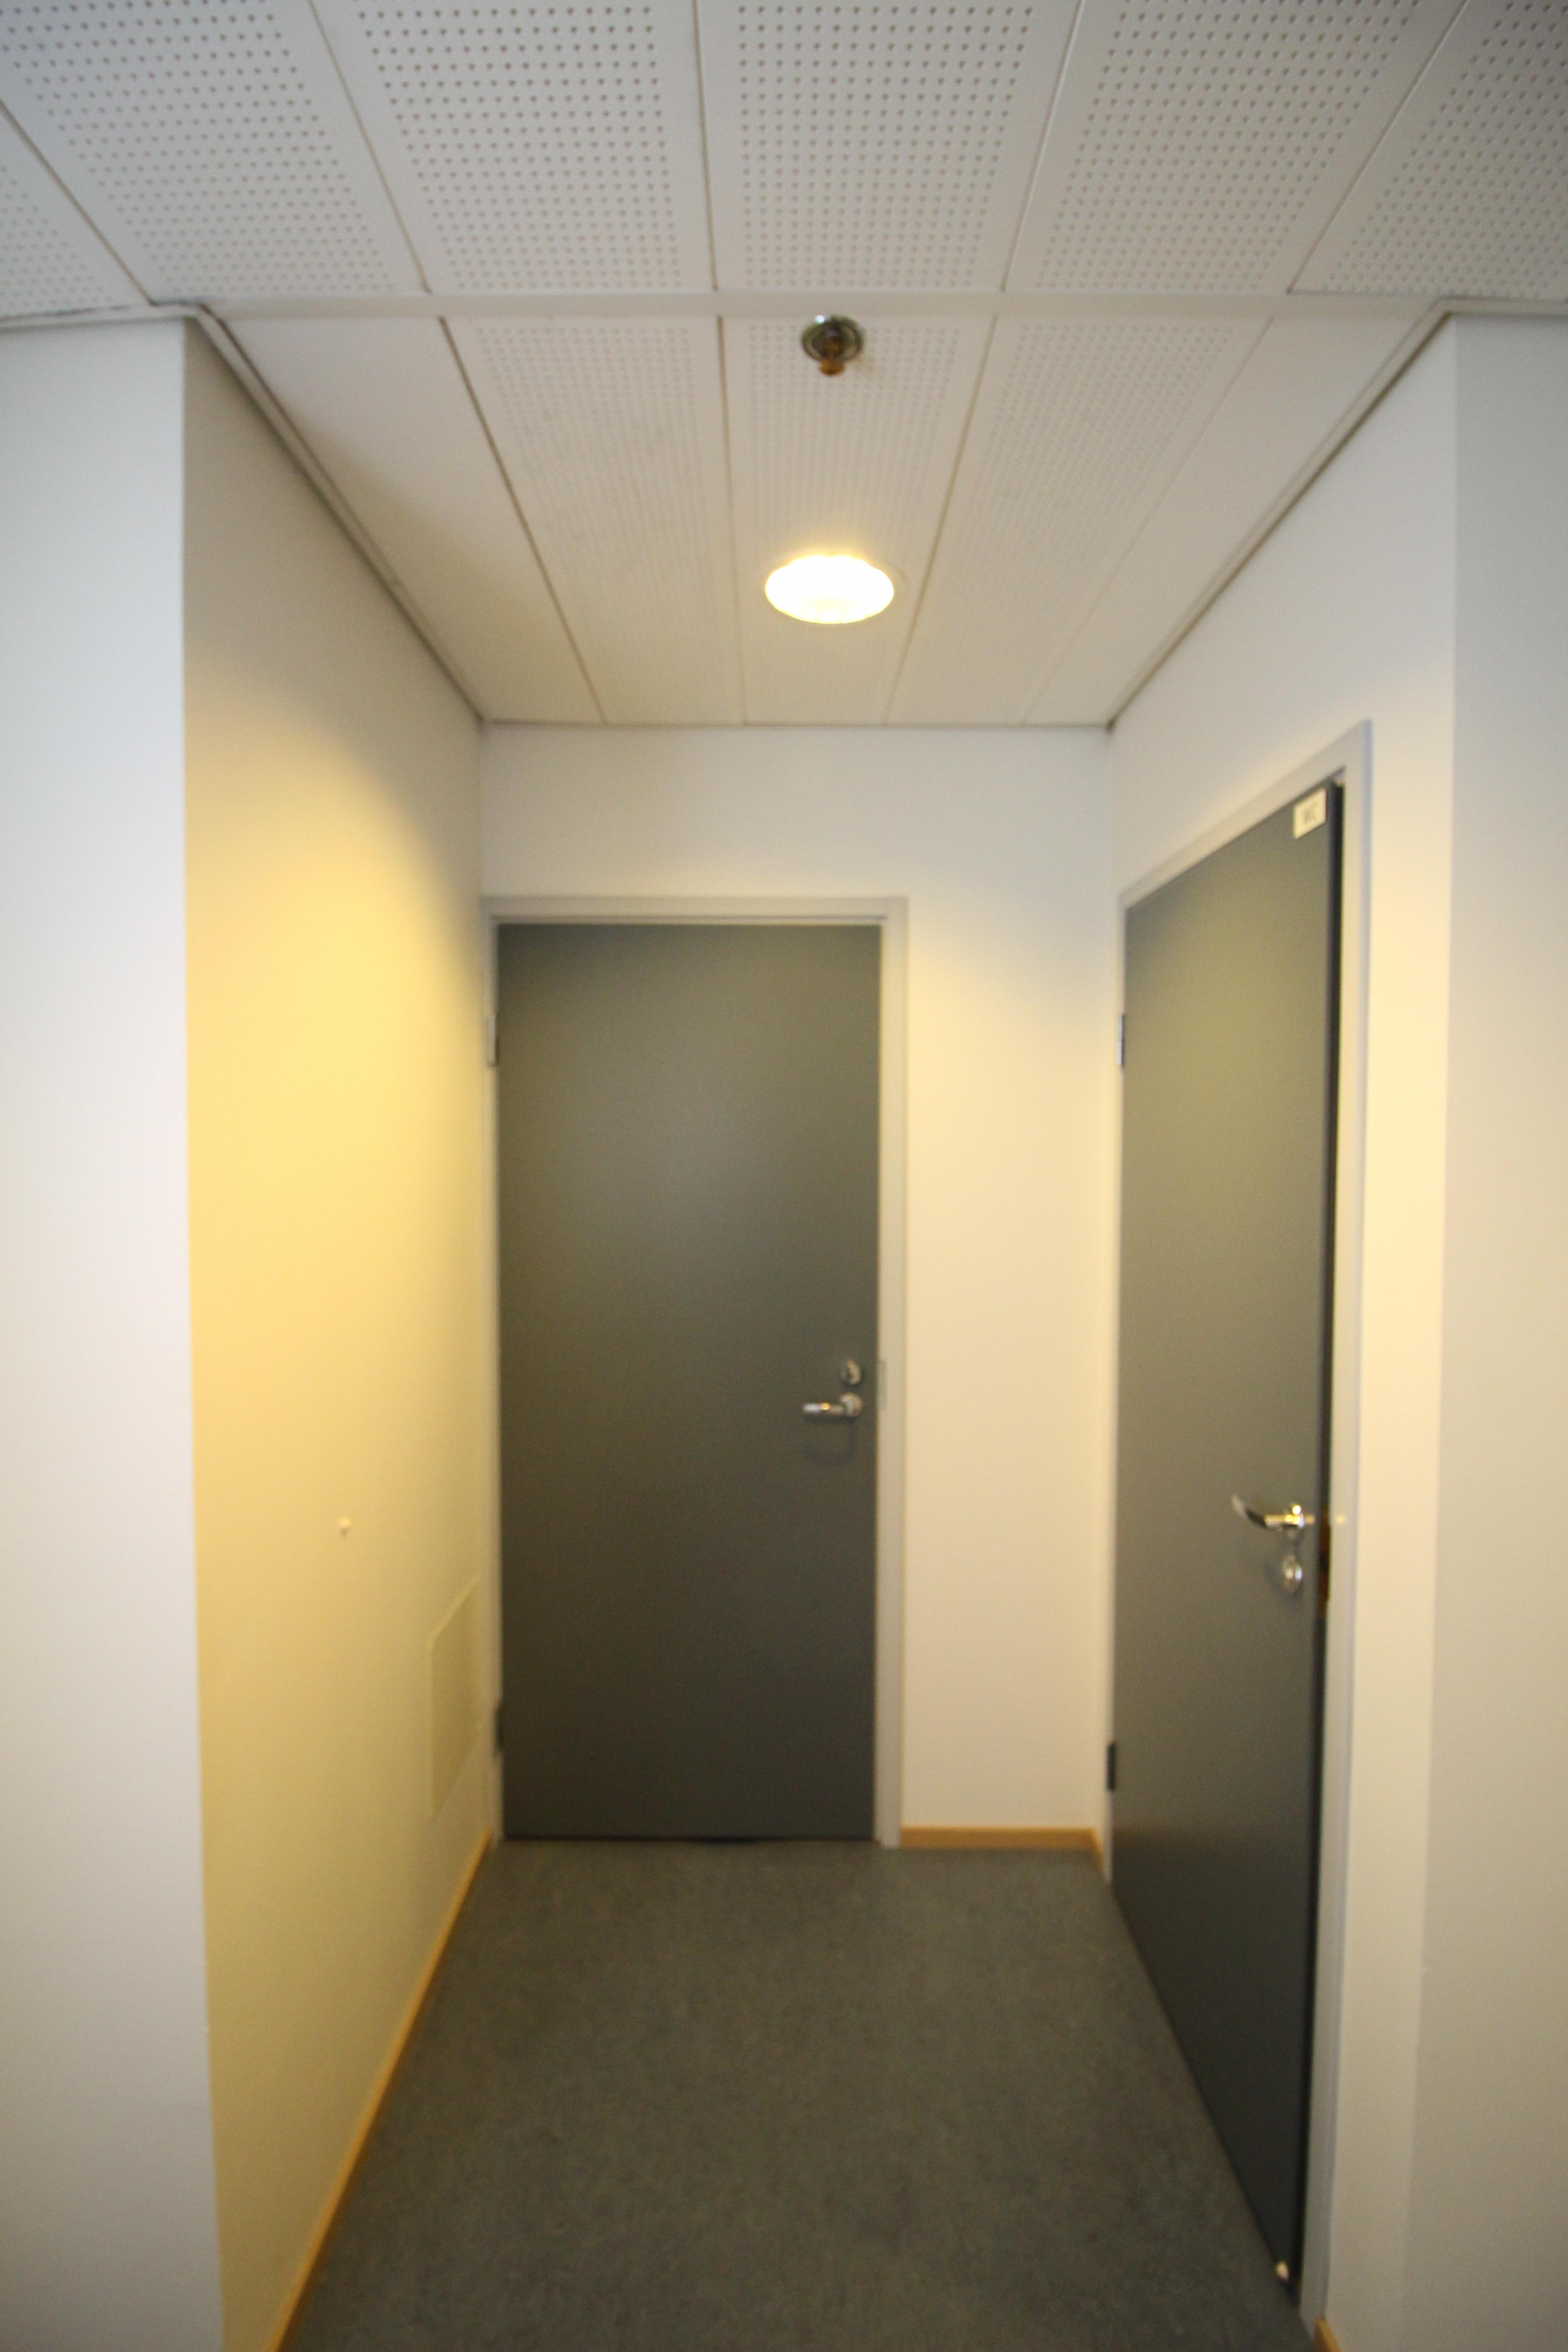 Käynti varastoon ja WC-tilaan